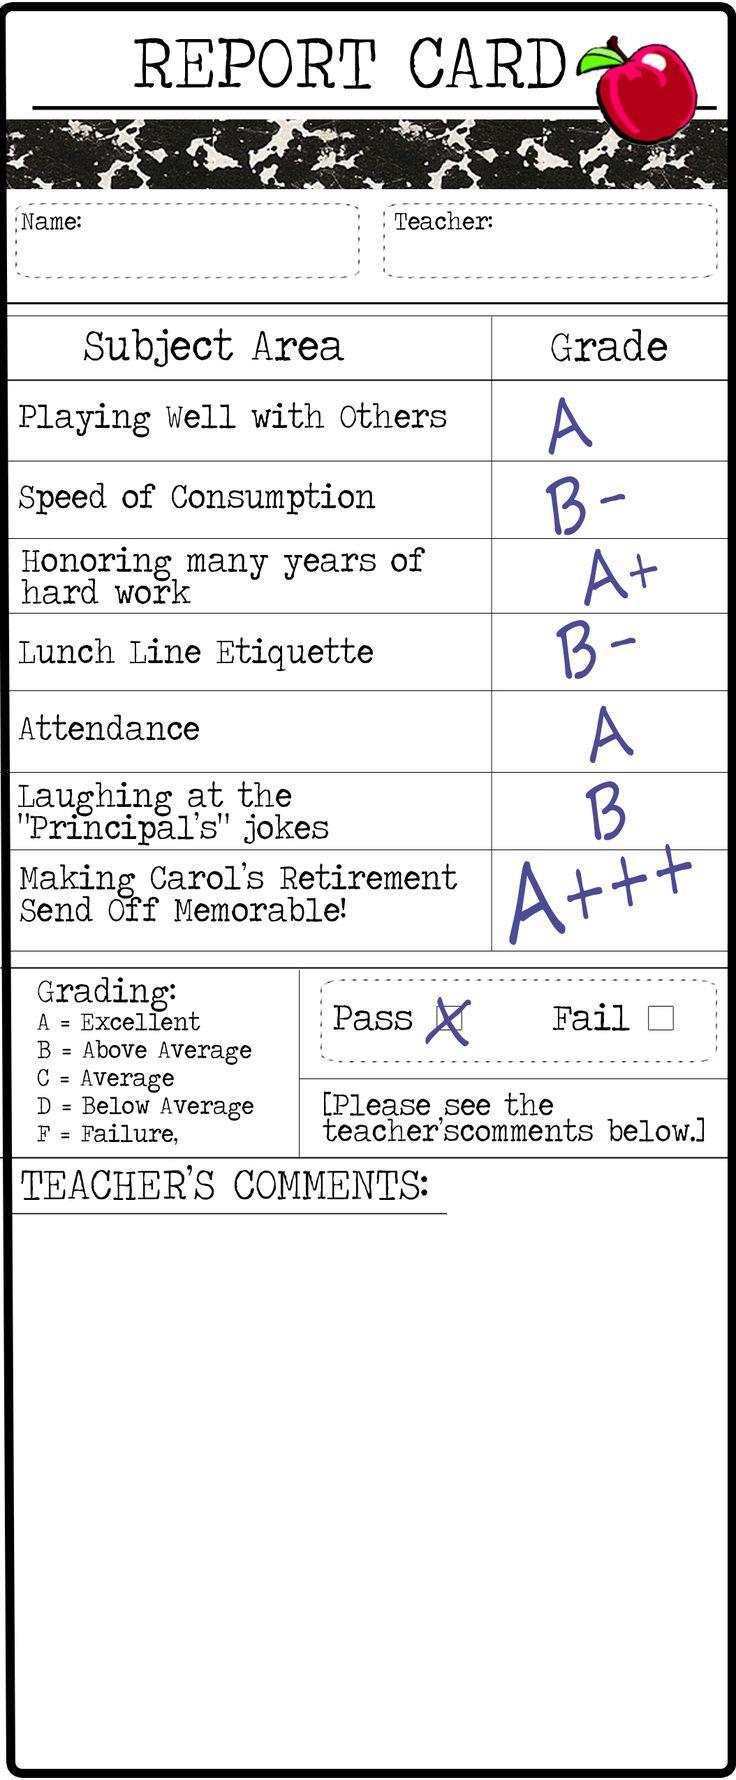 Retirement Party Ideas | Teacher Retirement Thank You Note | doodles, dabbles, & dreams